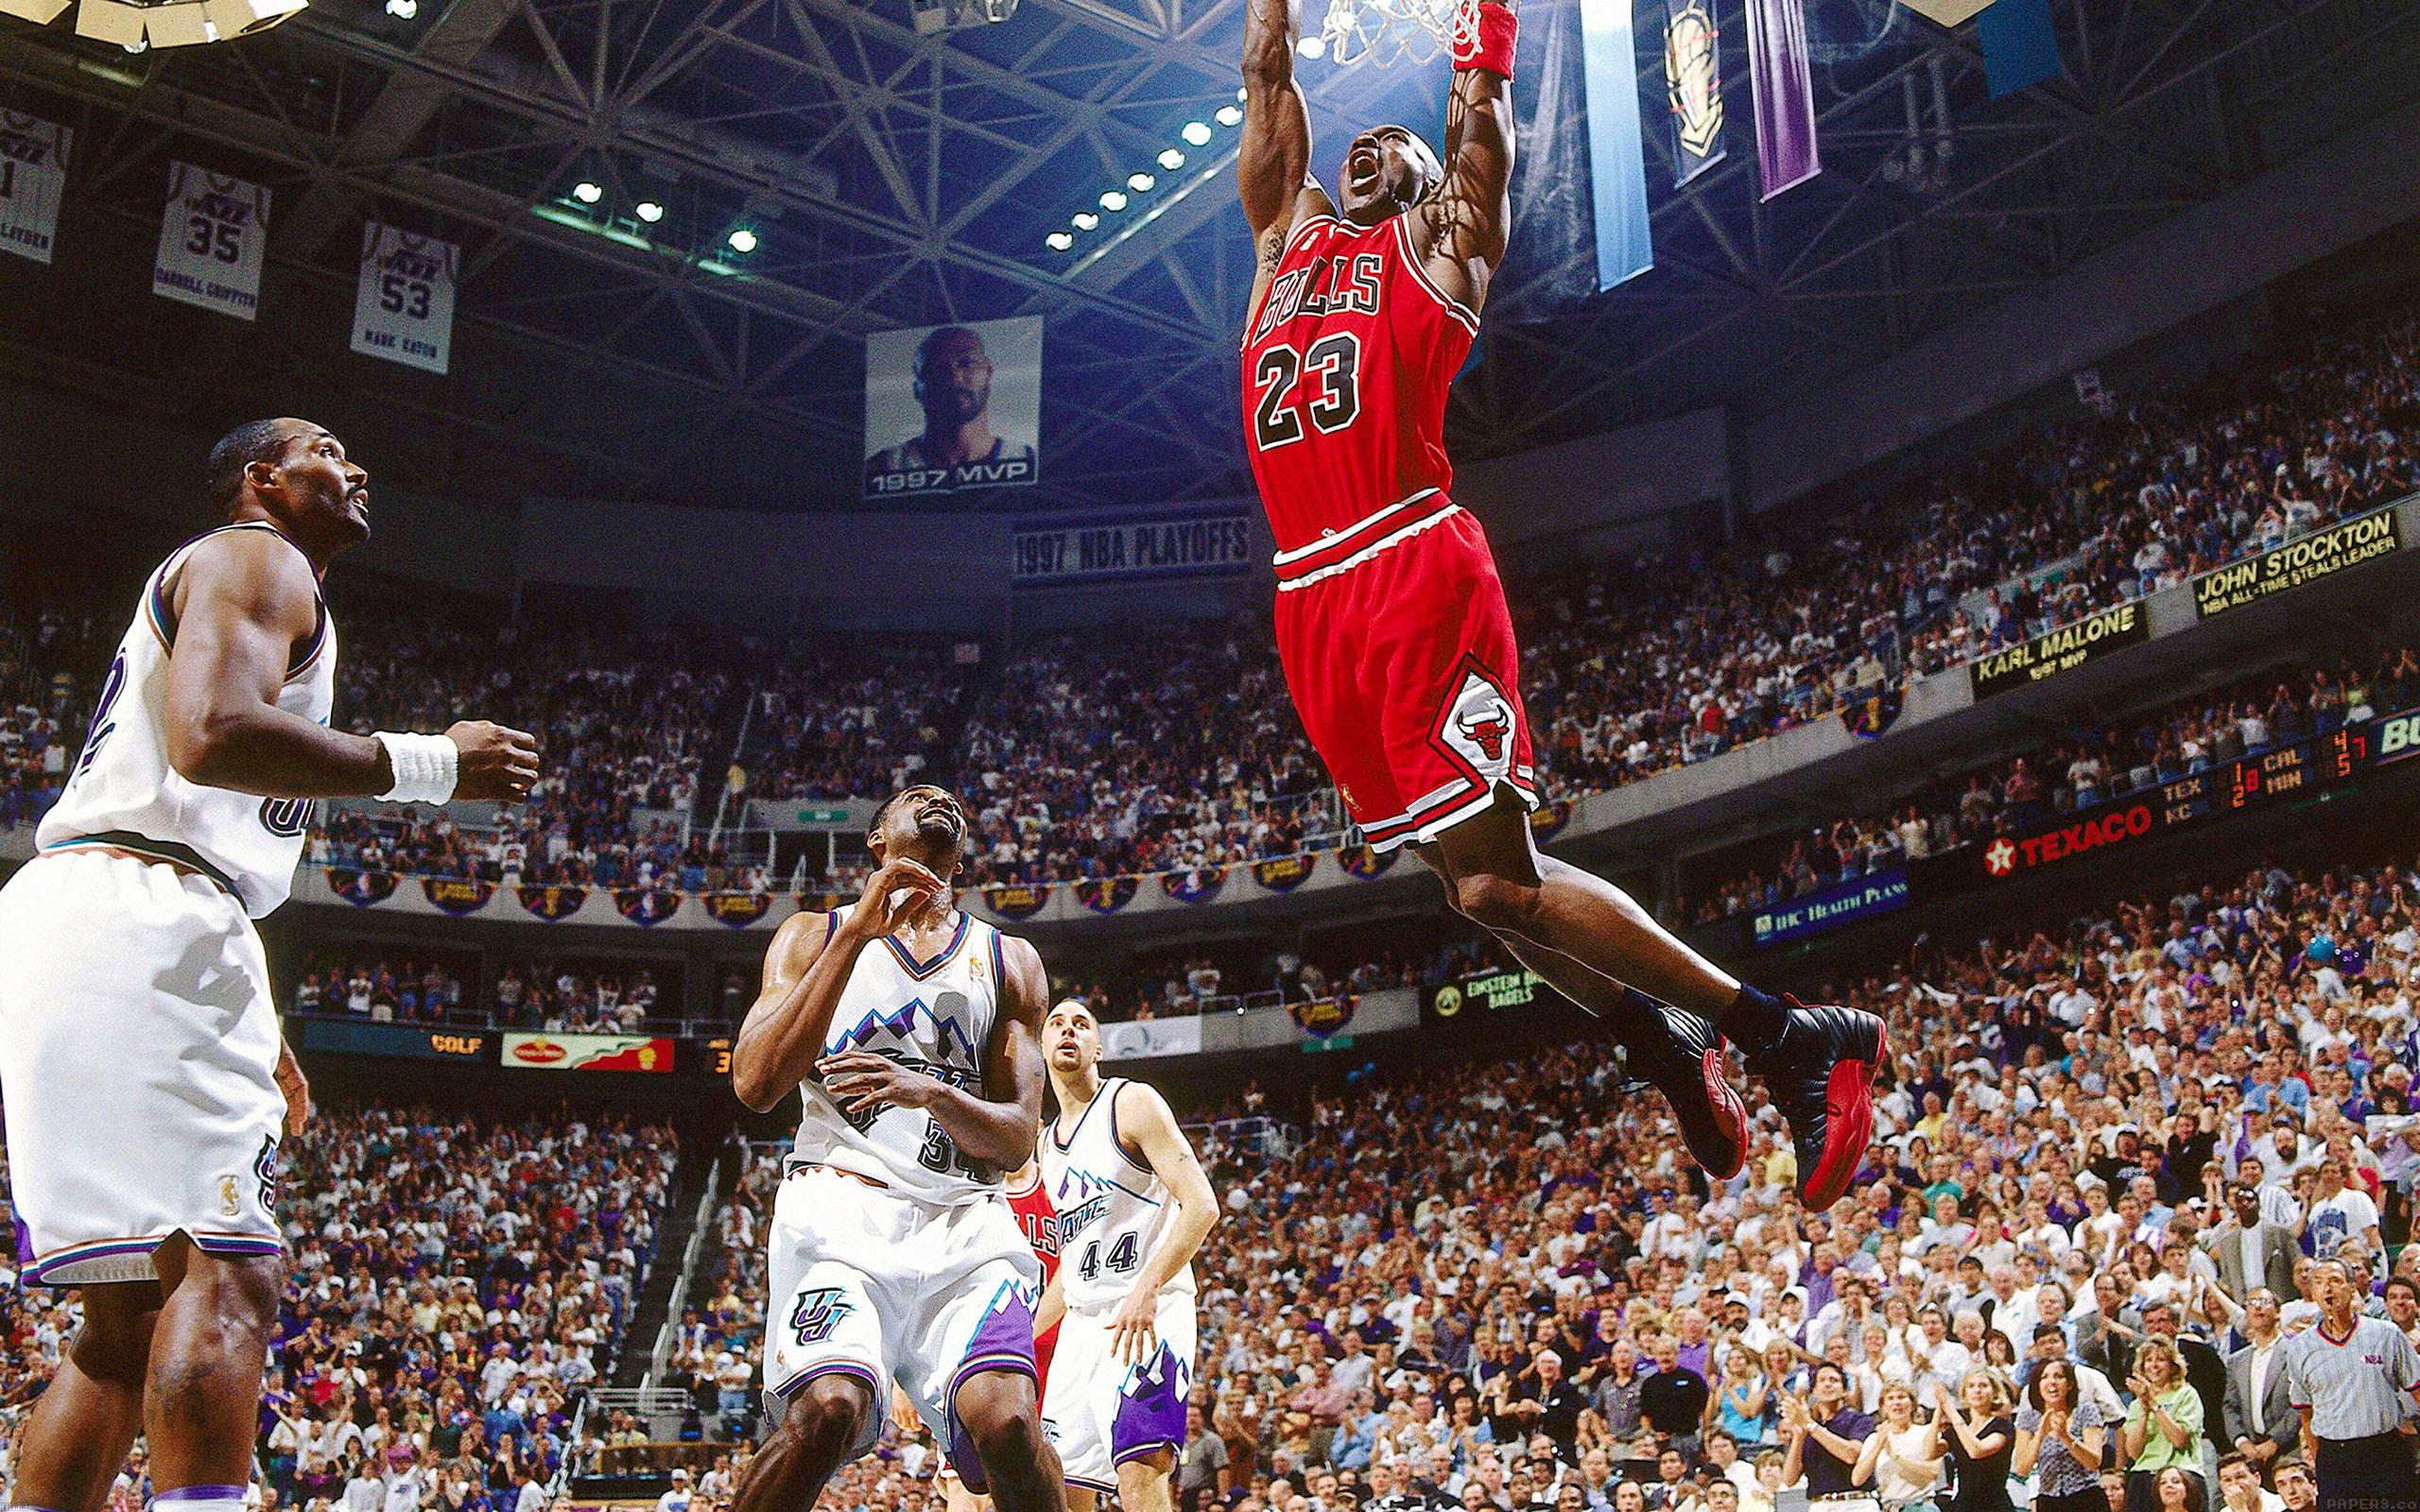 Ha13 Air Jordan Face Sports Art Papersco